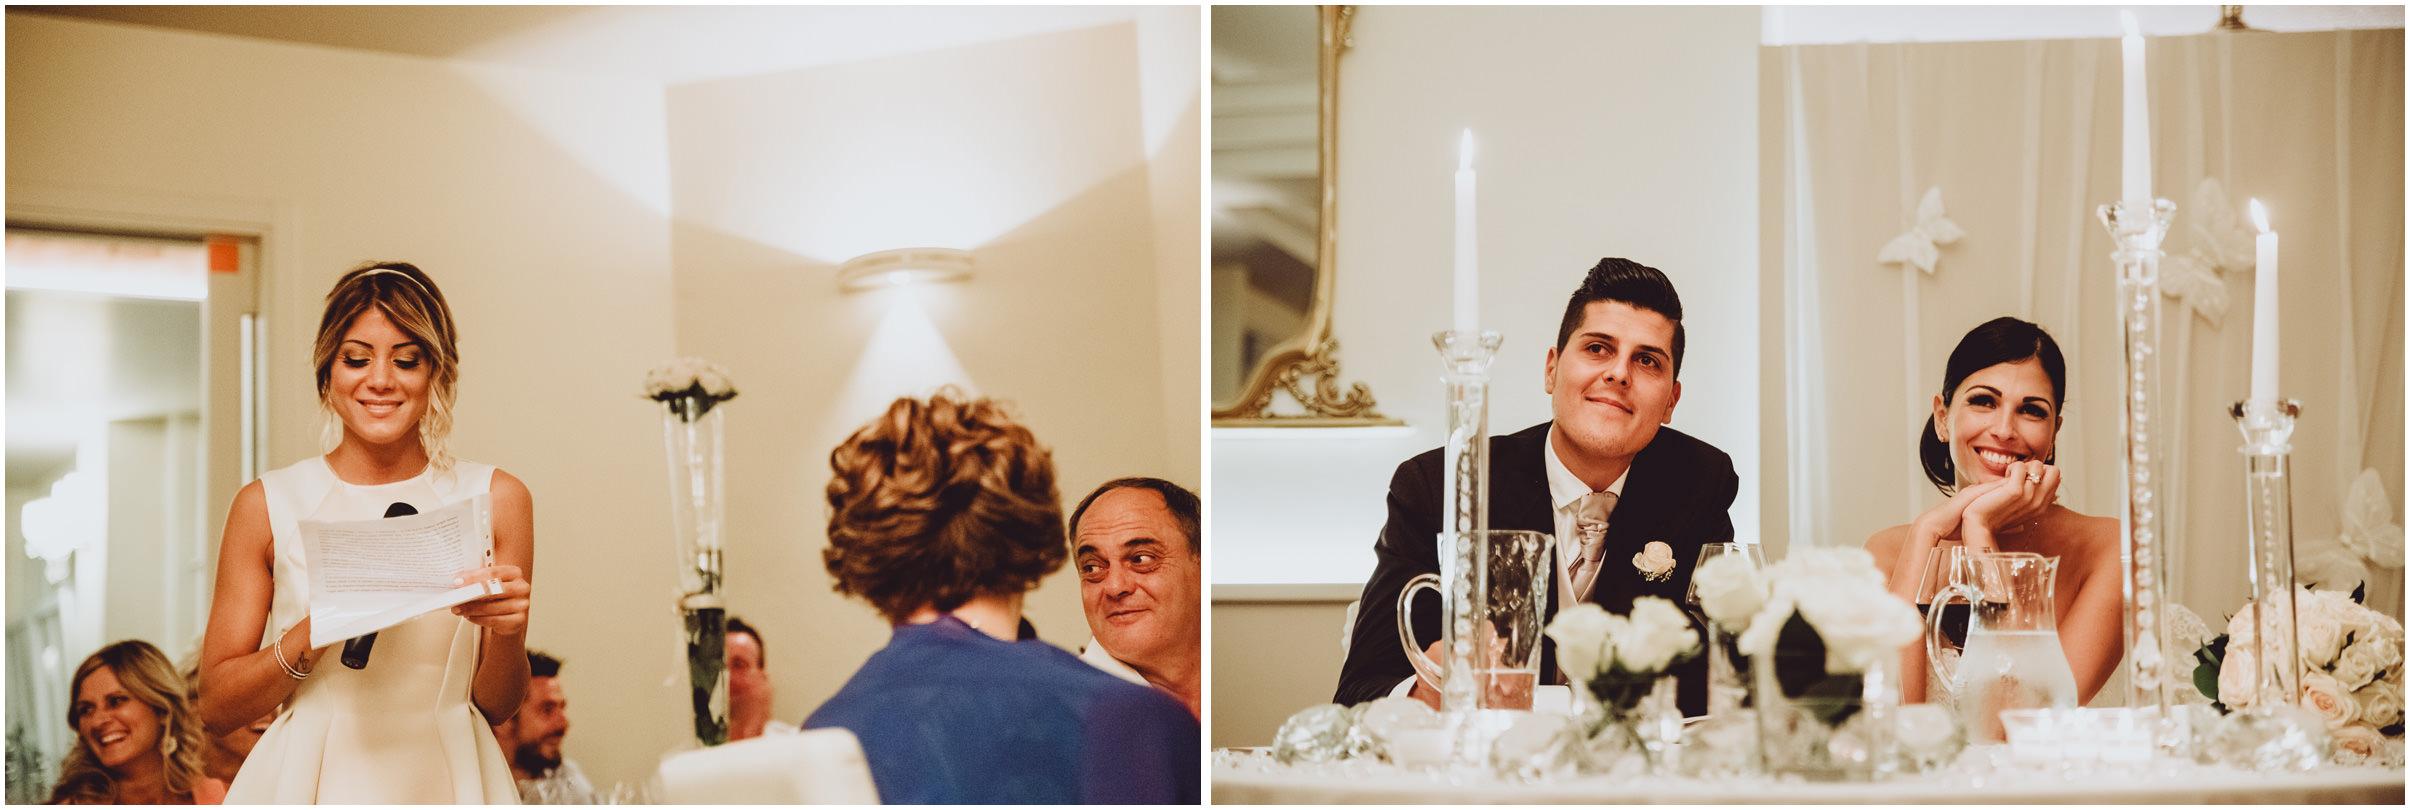 WEDDING-PHOTOGRAPHY-SARA-LORENZONI-FOTOGRAFIA-MATRIMONIO-AREZZO-TUSCANY-EVENTO-LE-SPOSE-DI-GIANNI-ELISA-LUCA059